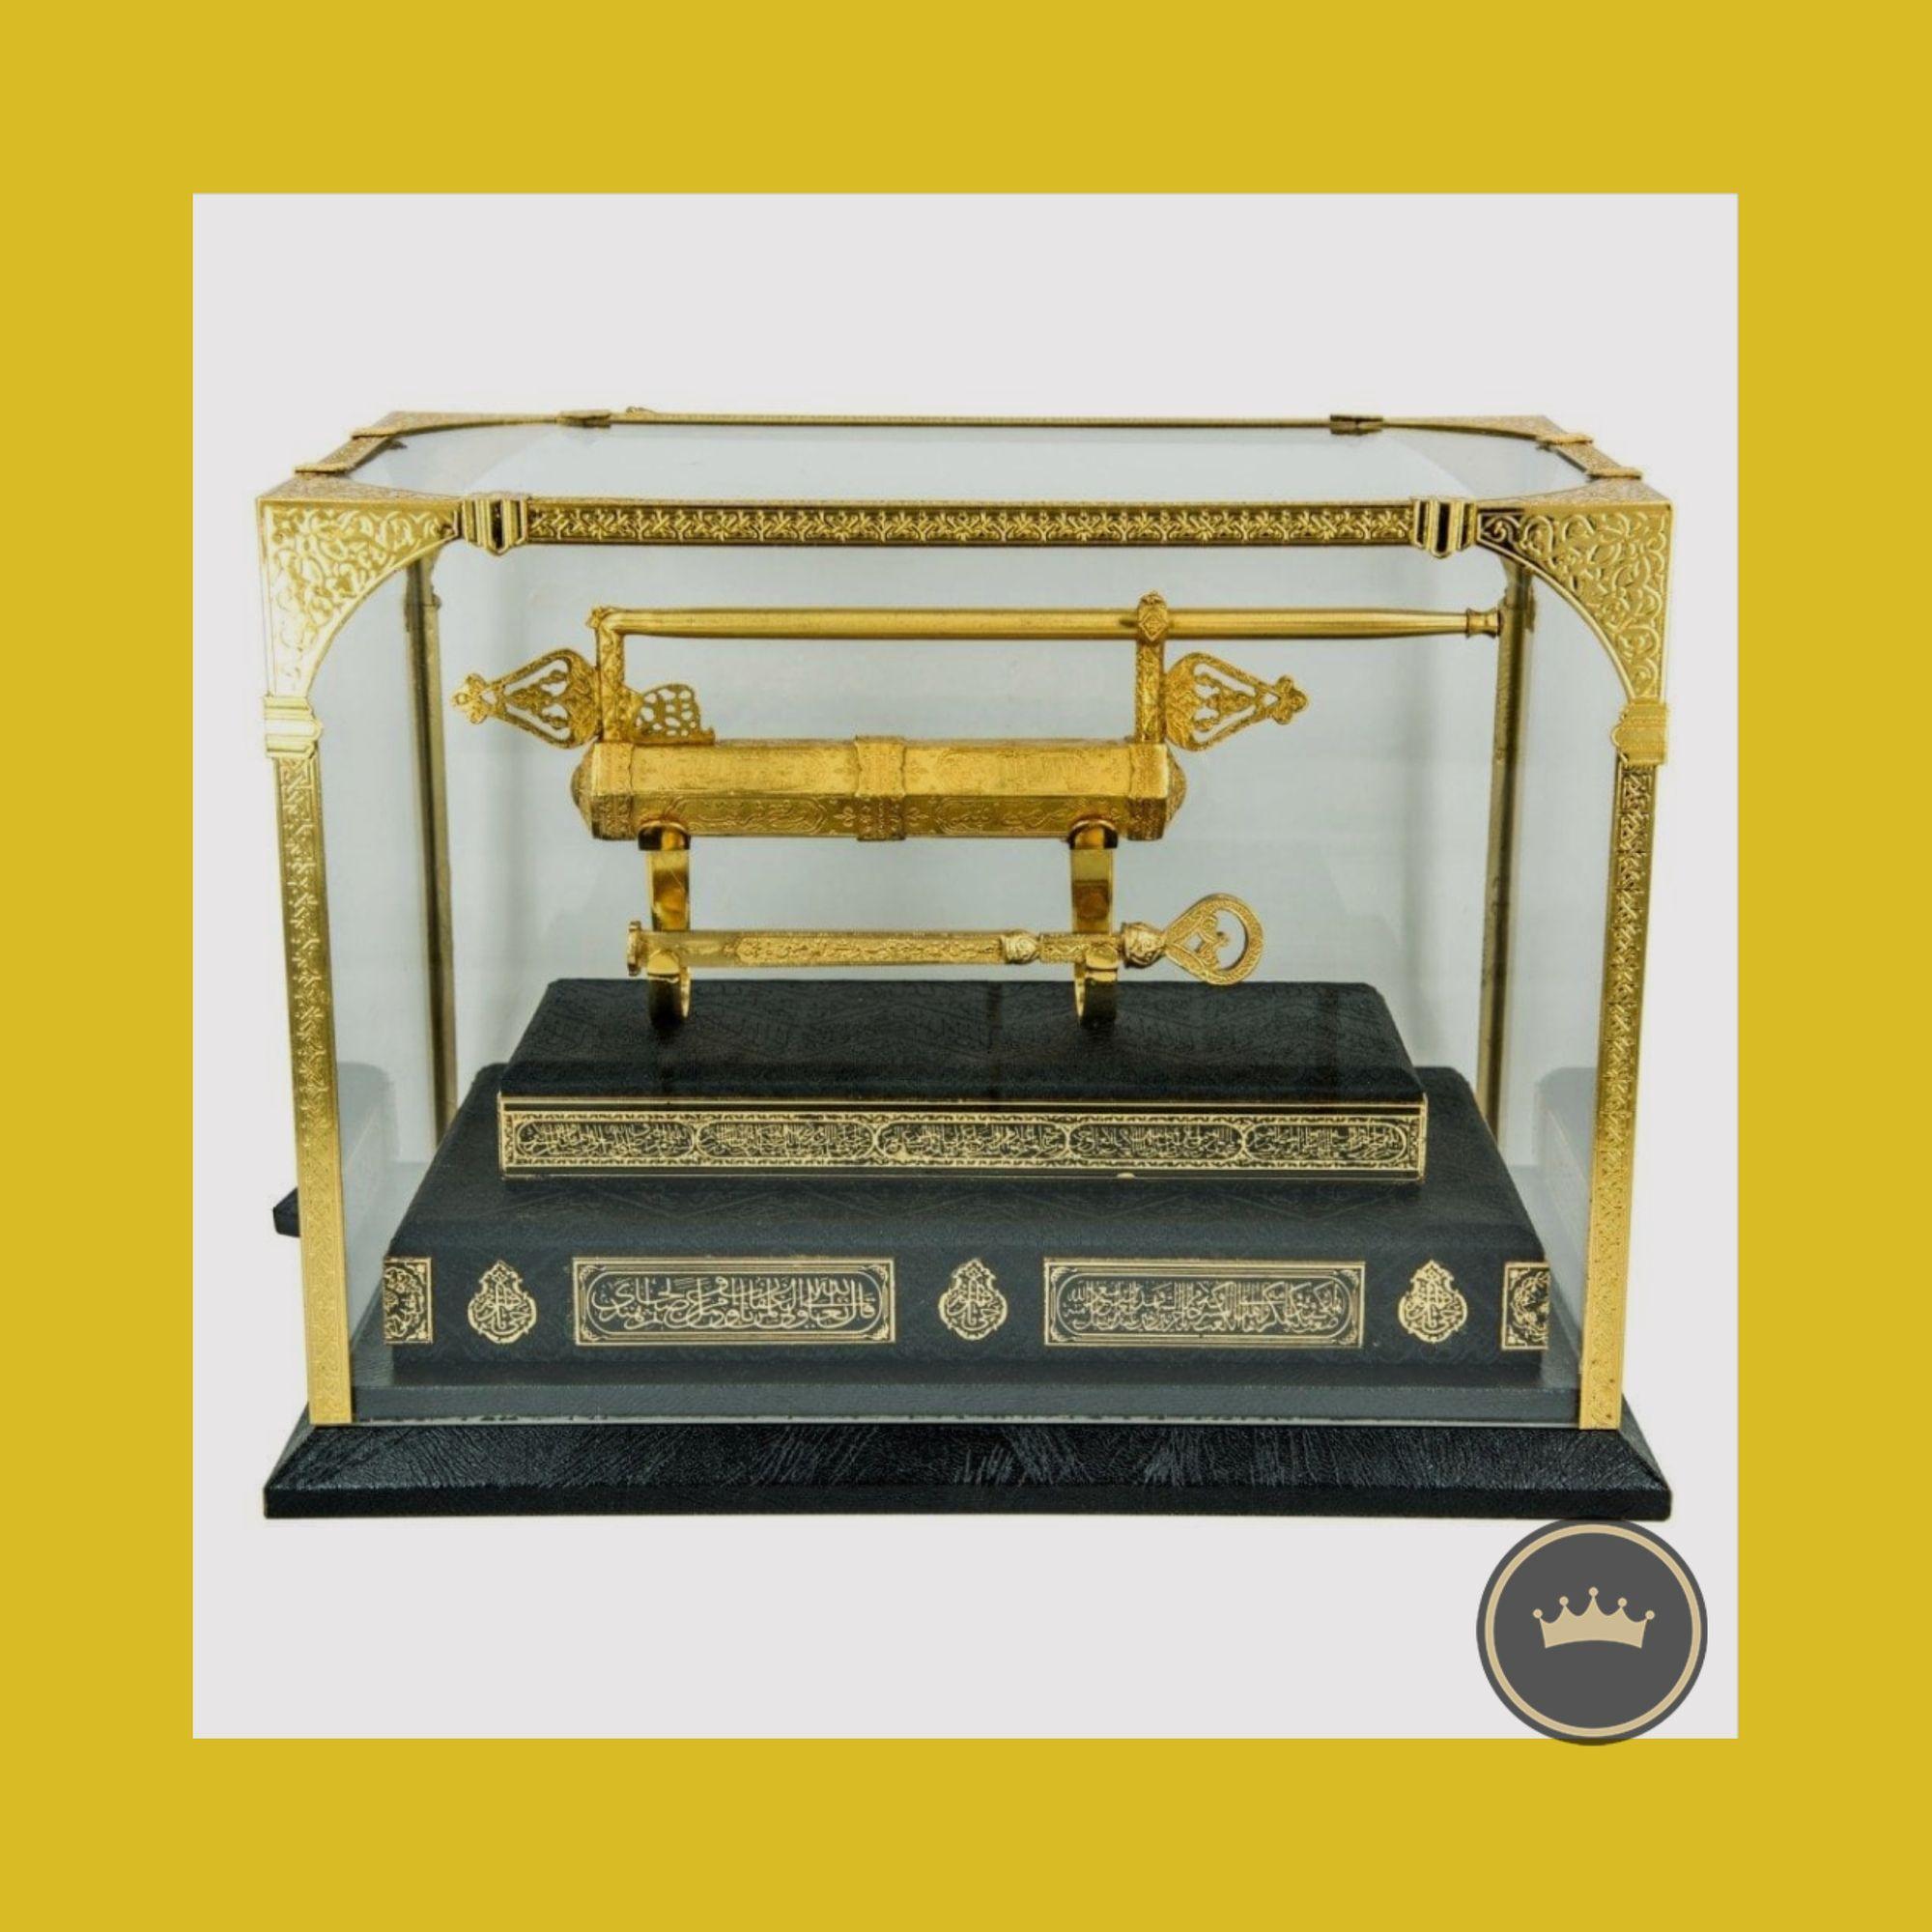 نسخة طبق الأصل من مفتاح وقفل الكعبة الشريفة في عهد السلطان إبراهيم مصنوعة من النحاس الأصفر والأحمر مطلية بطبقة من الذهب ا Acrylic Box Pure Gold Pure Products